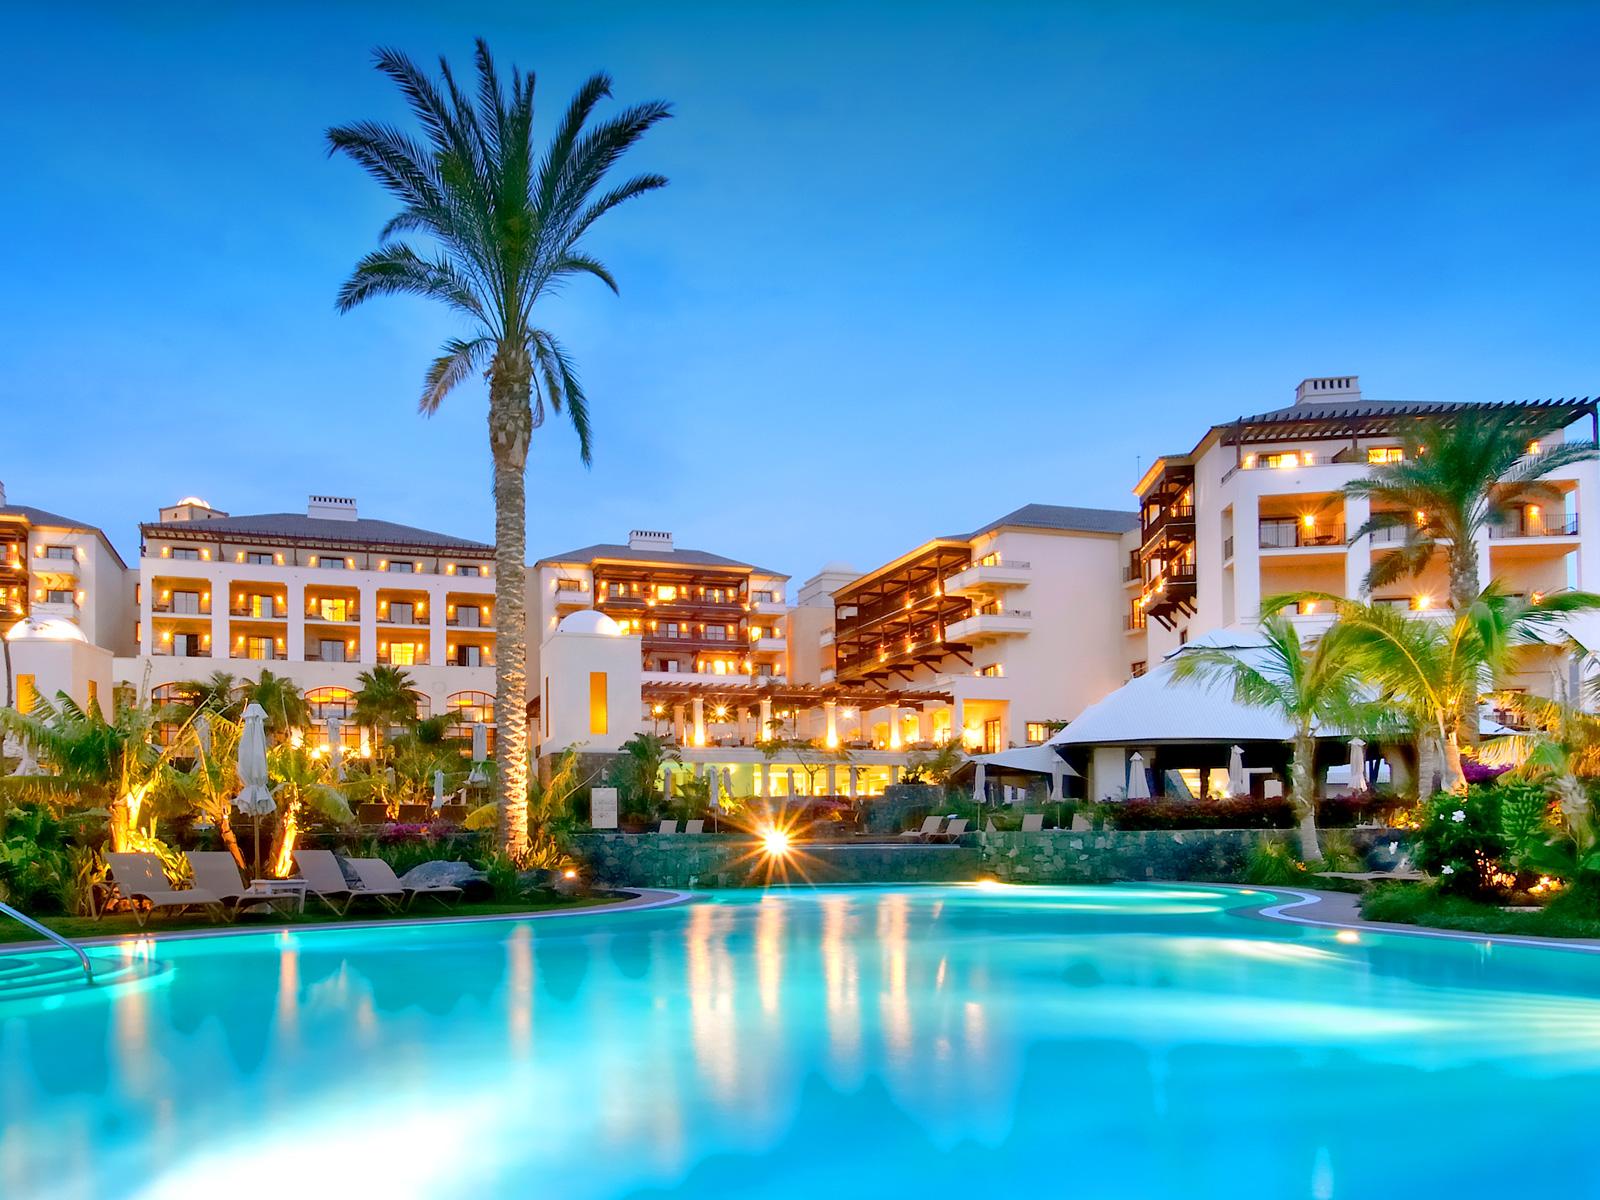 Costa Sur Hotel Tenerife